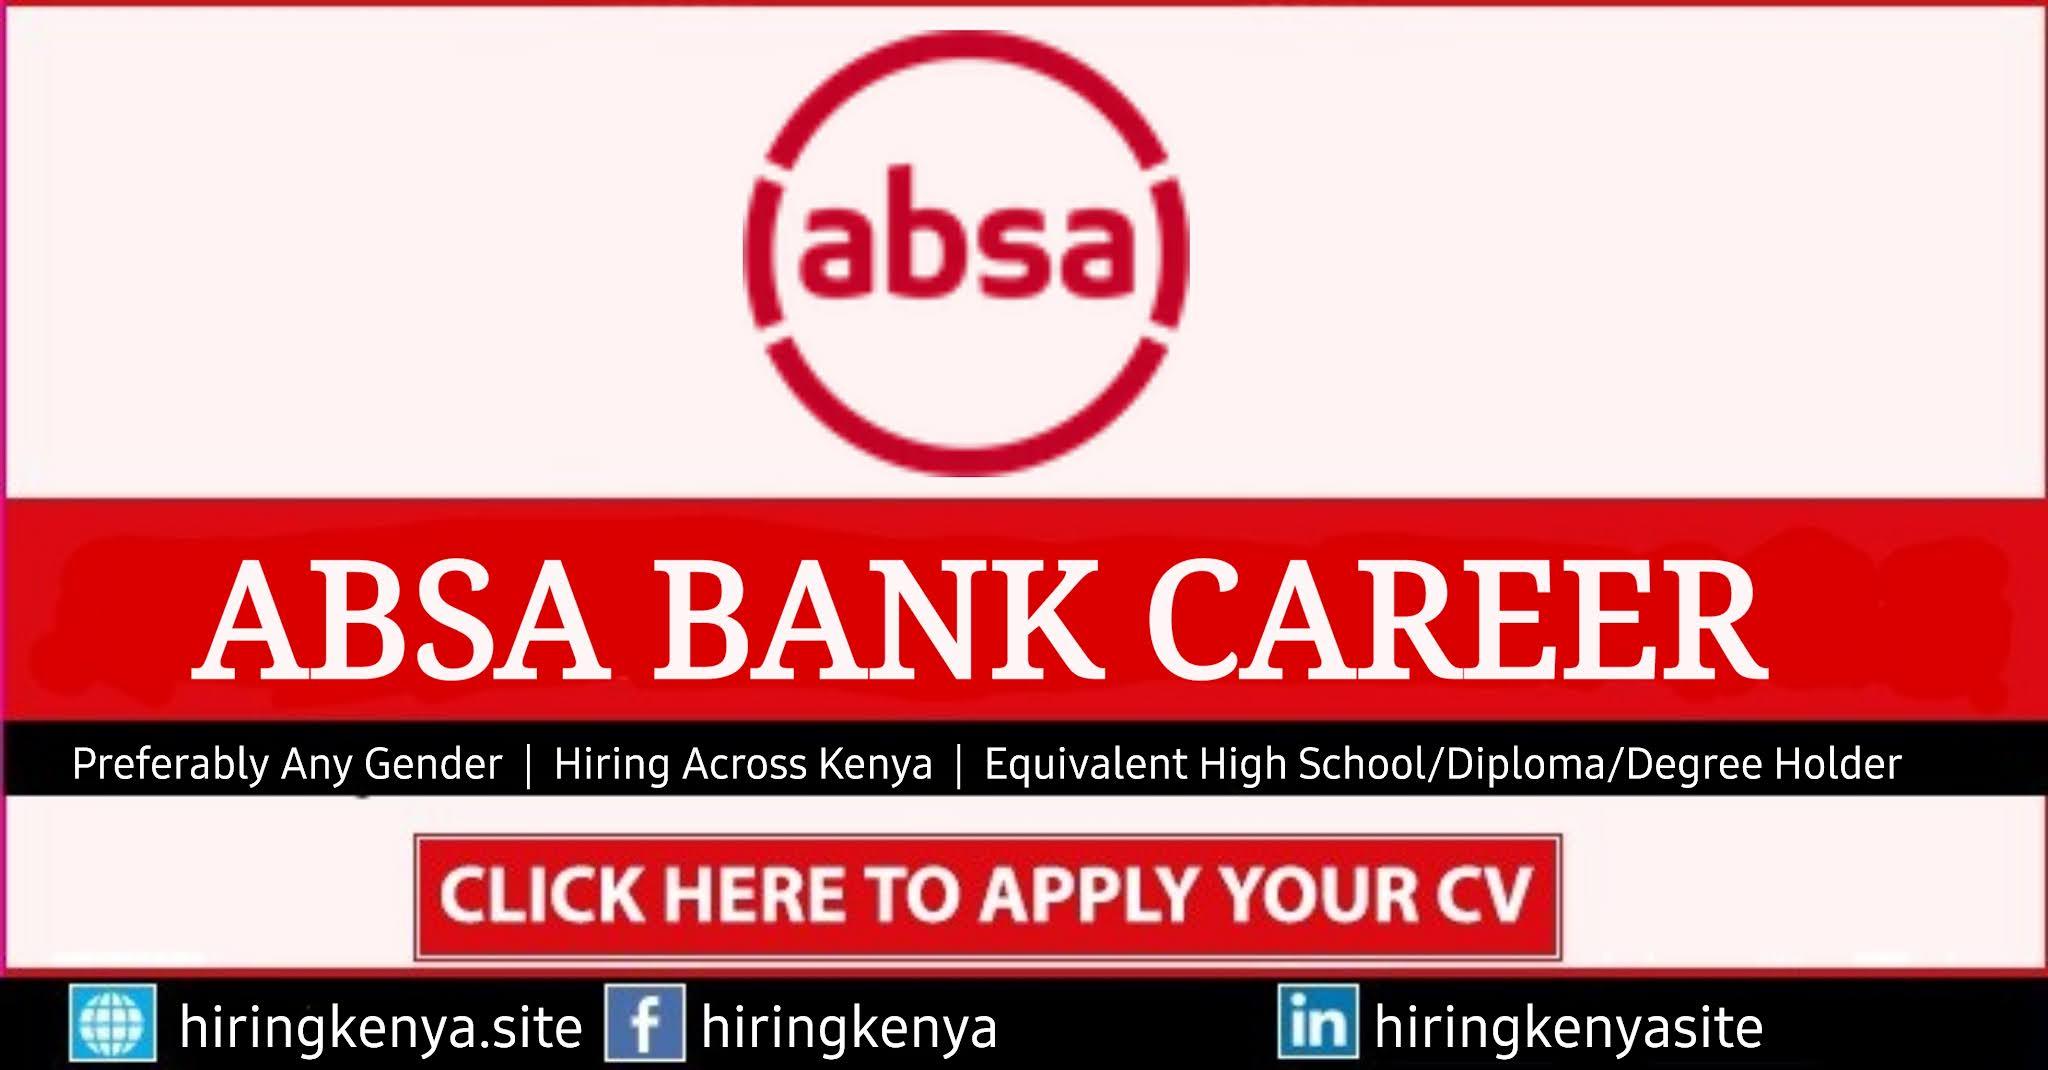 ABSA Bank Careers - ABSA BANK Requires Staff In Kenya